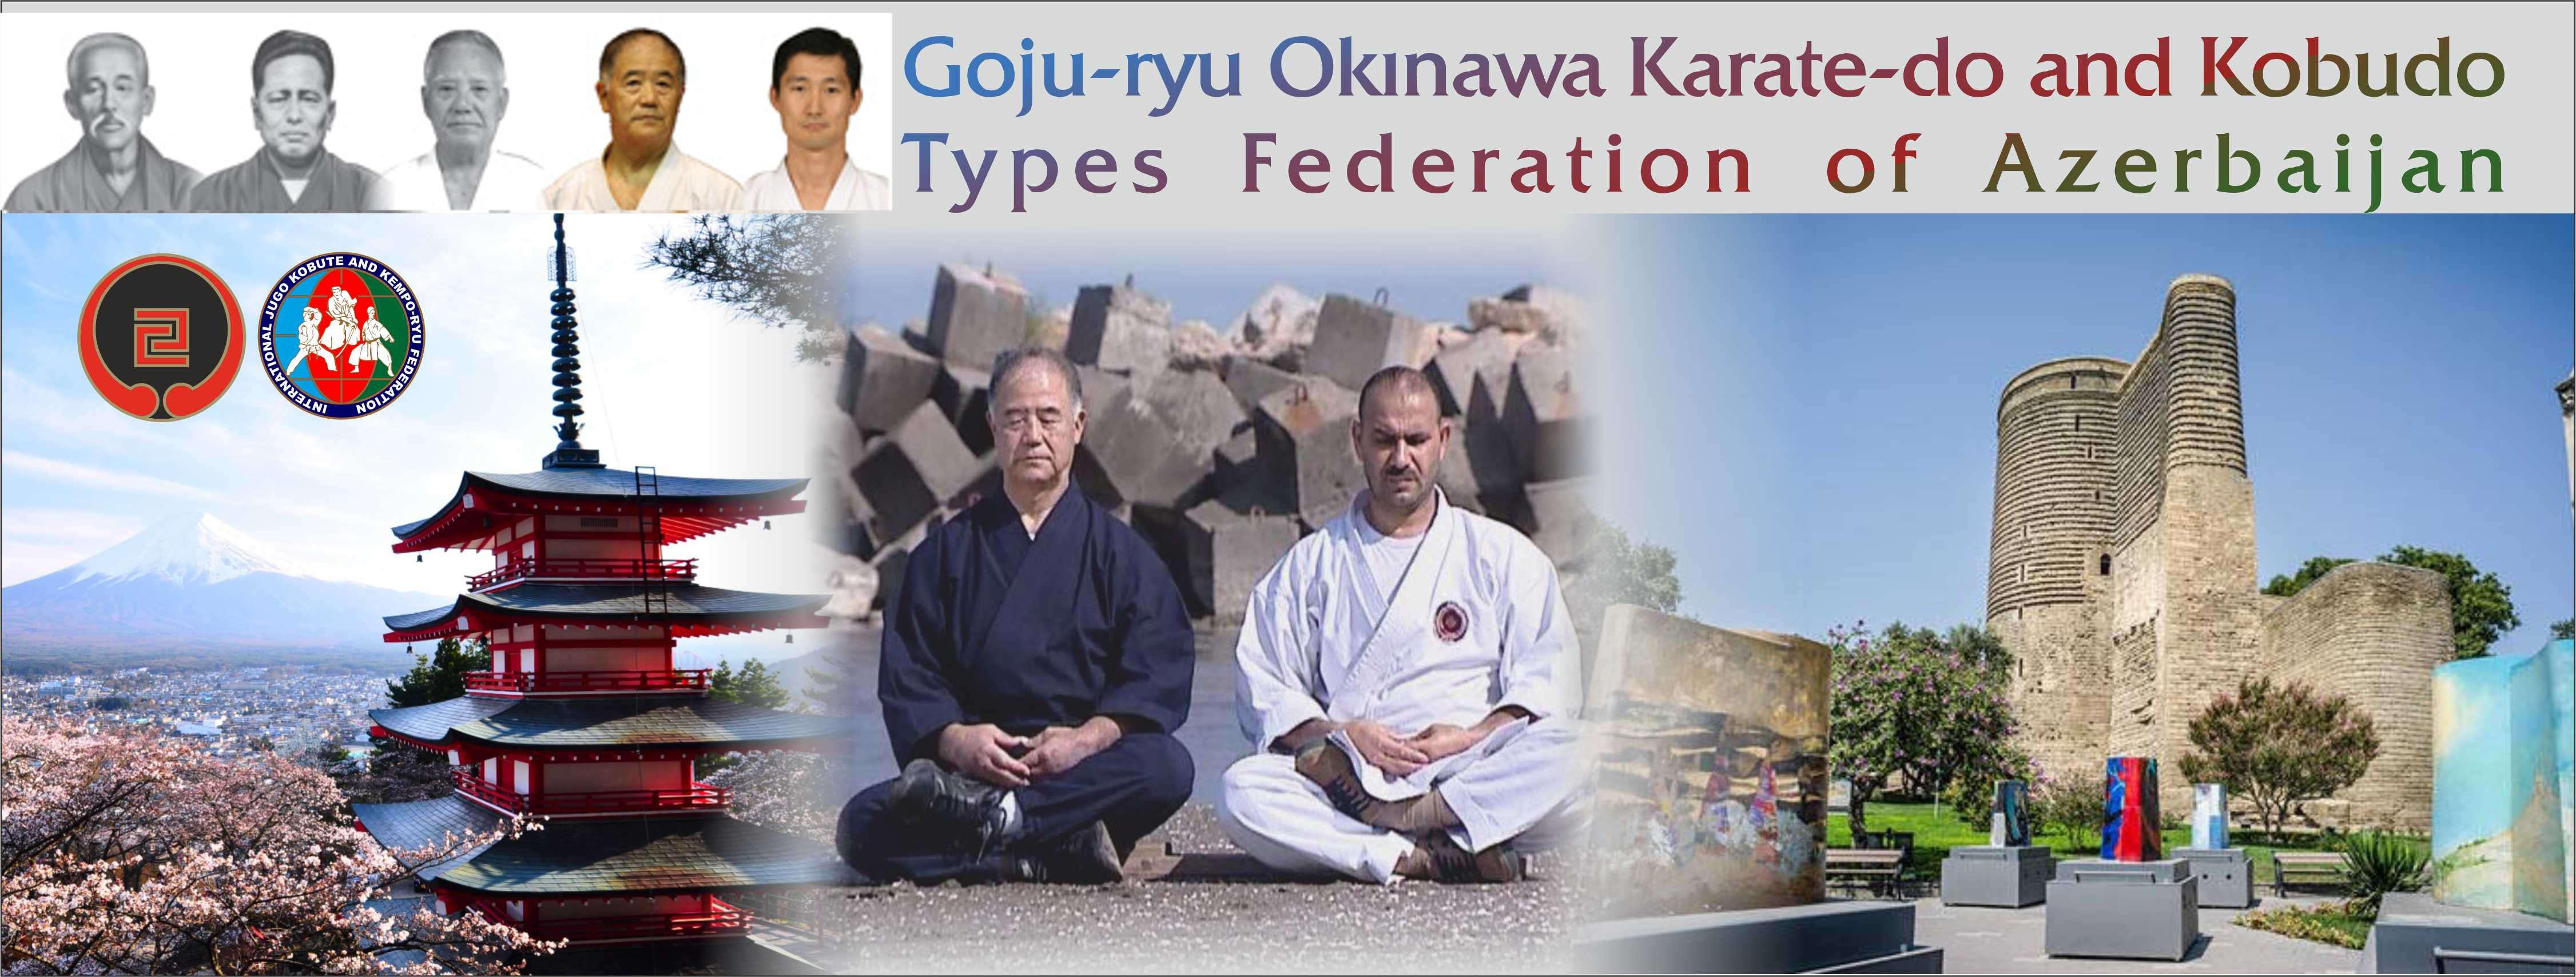 www.gojuryu.az